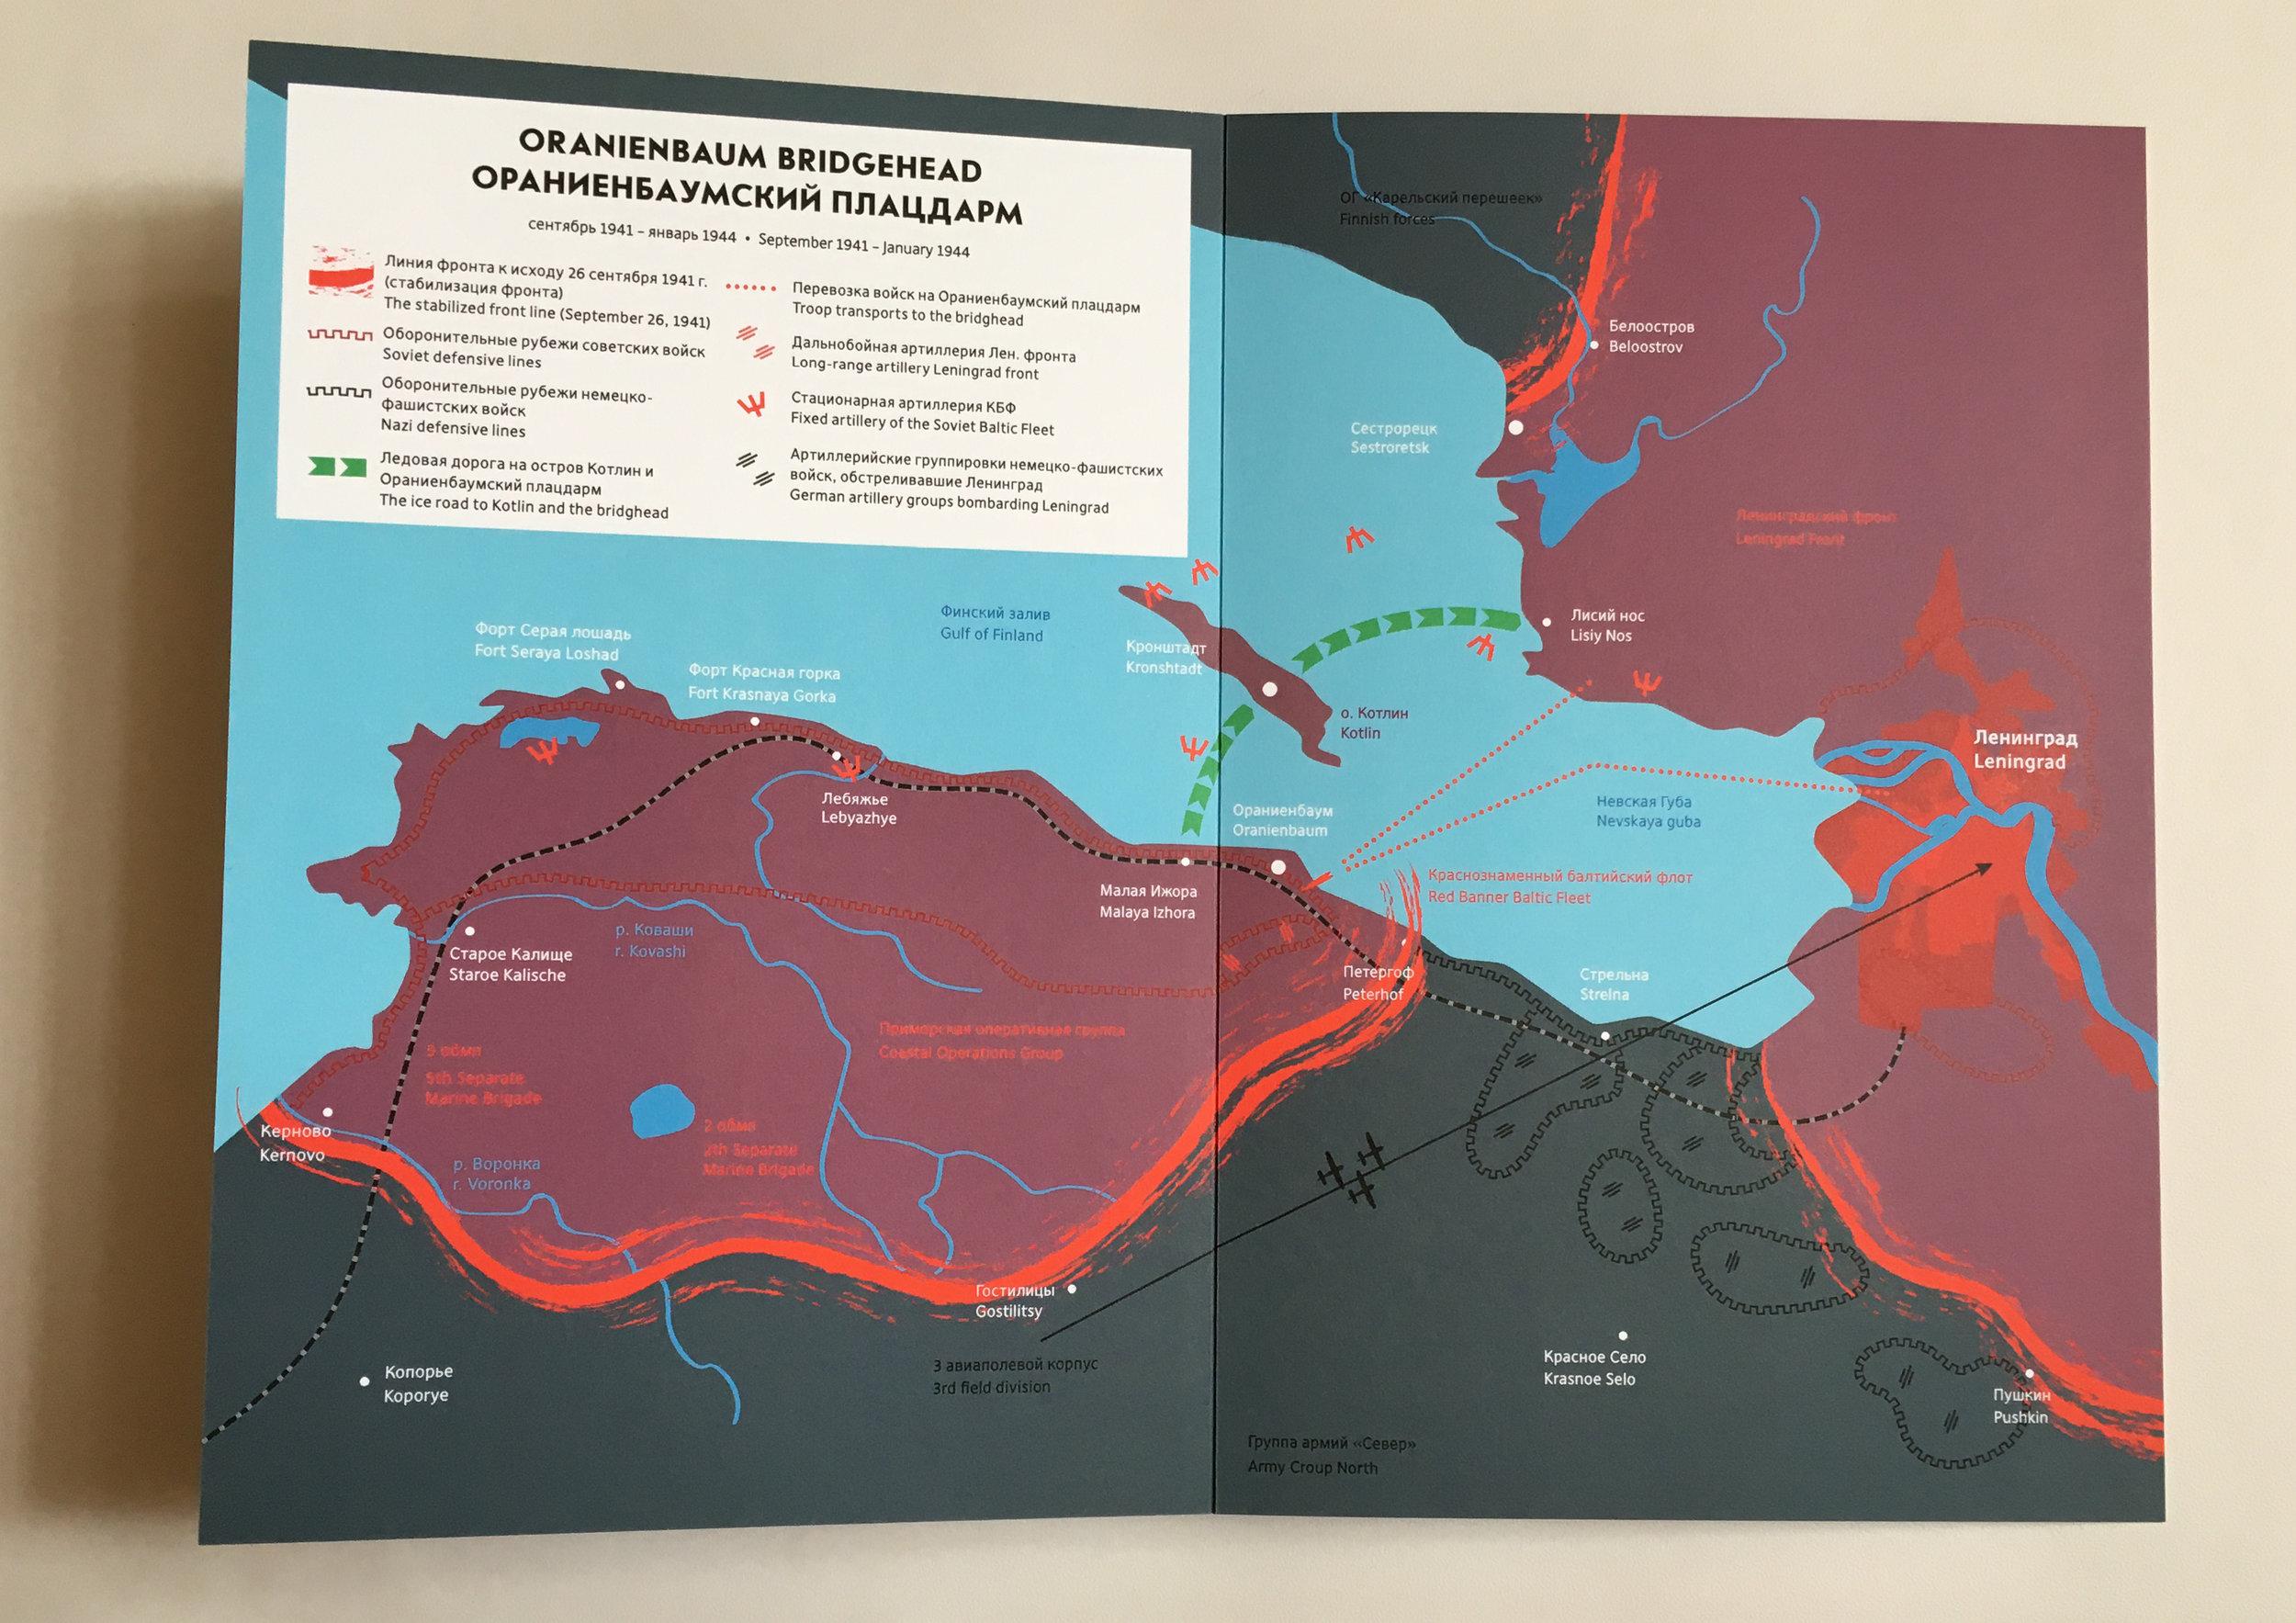 Map of the Oranienbaum Bridgehead created by  Zhenya Pashkina .